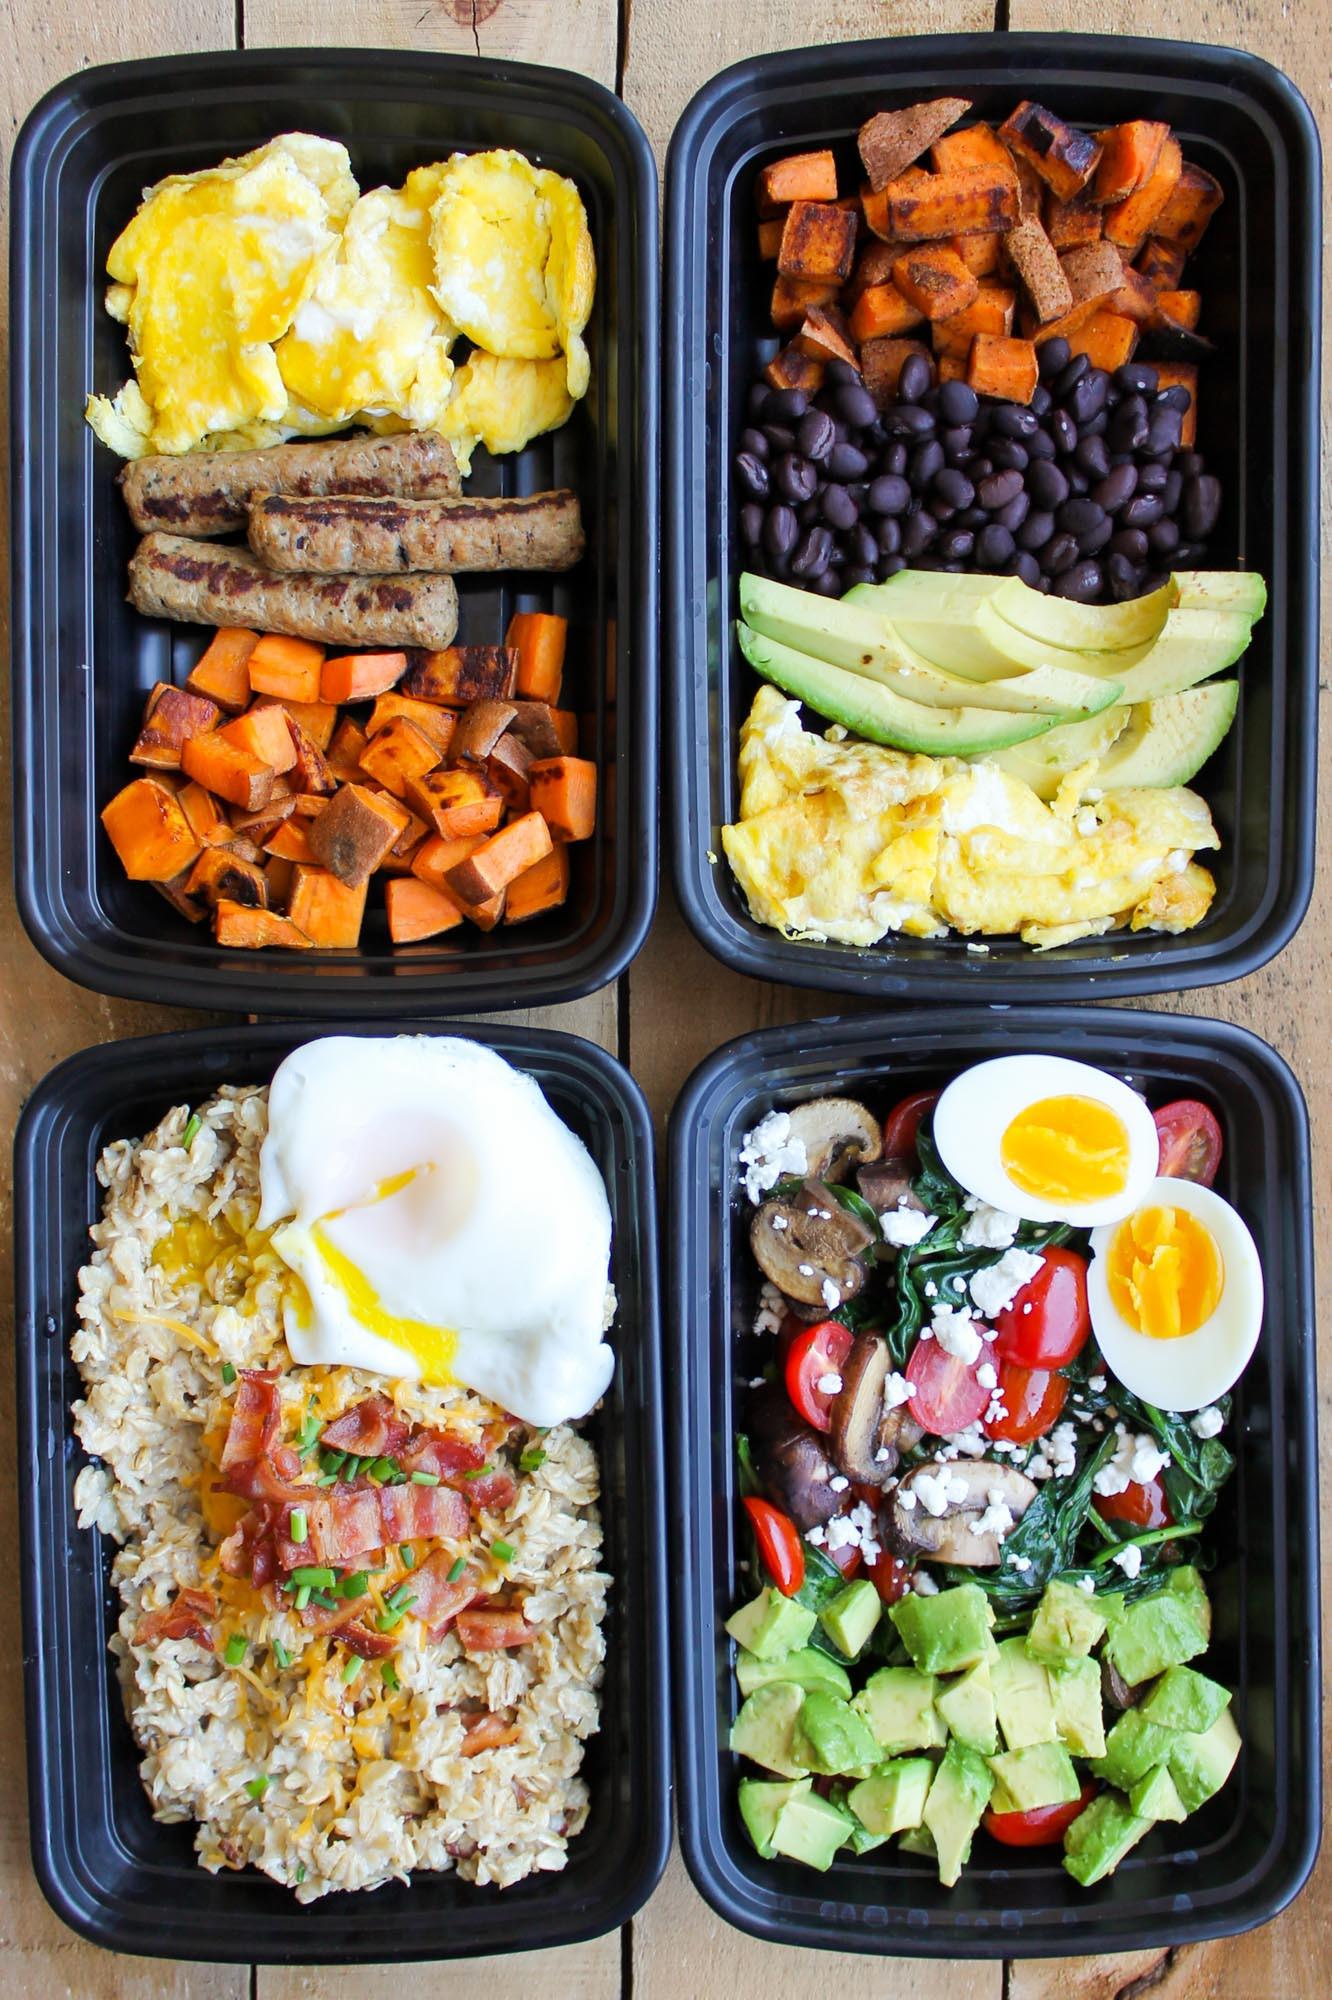 Healthy Meal Prep Breakfast  Make Ahead Breakfast Meal Prep Bowls 4 Ways Smile Sandwich